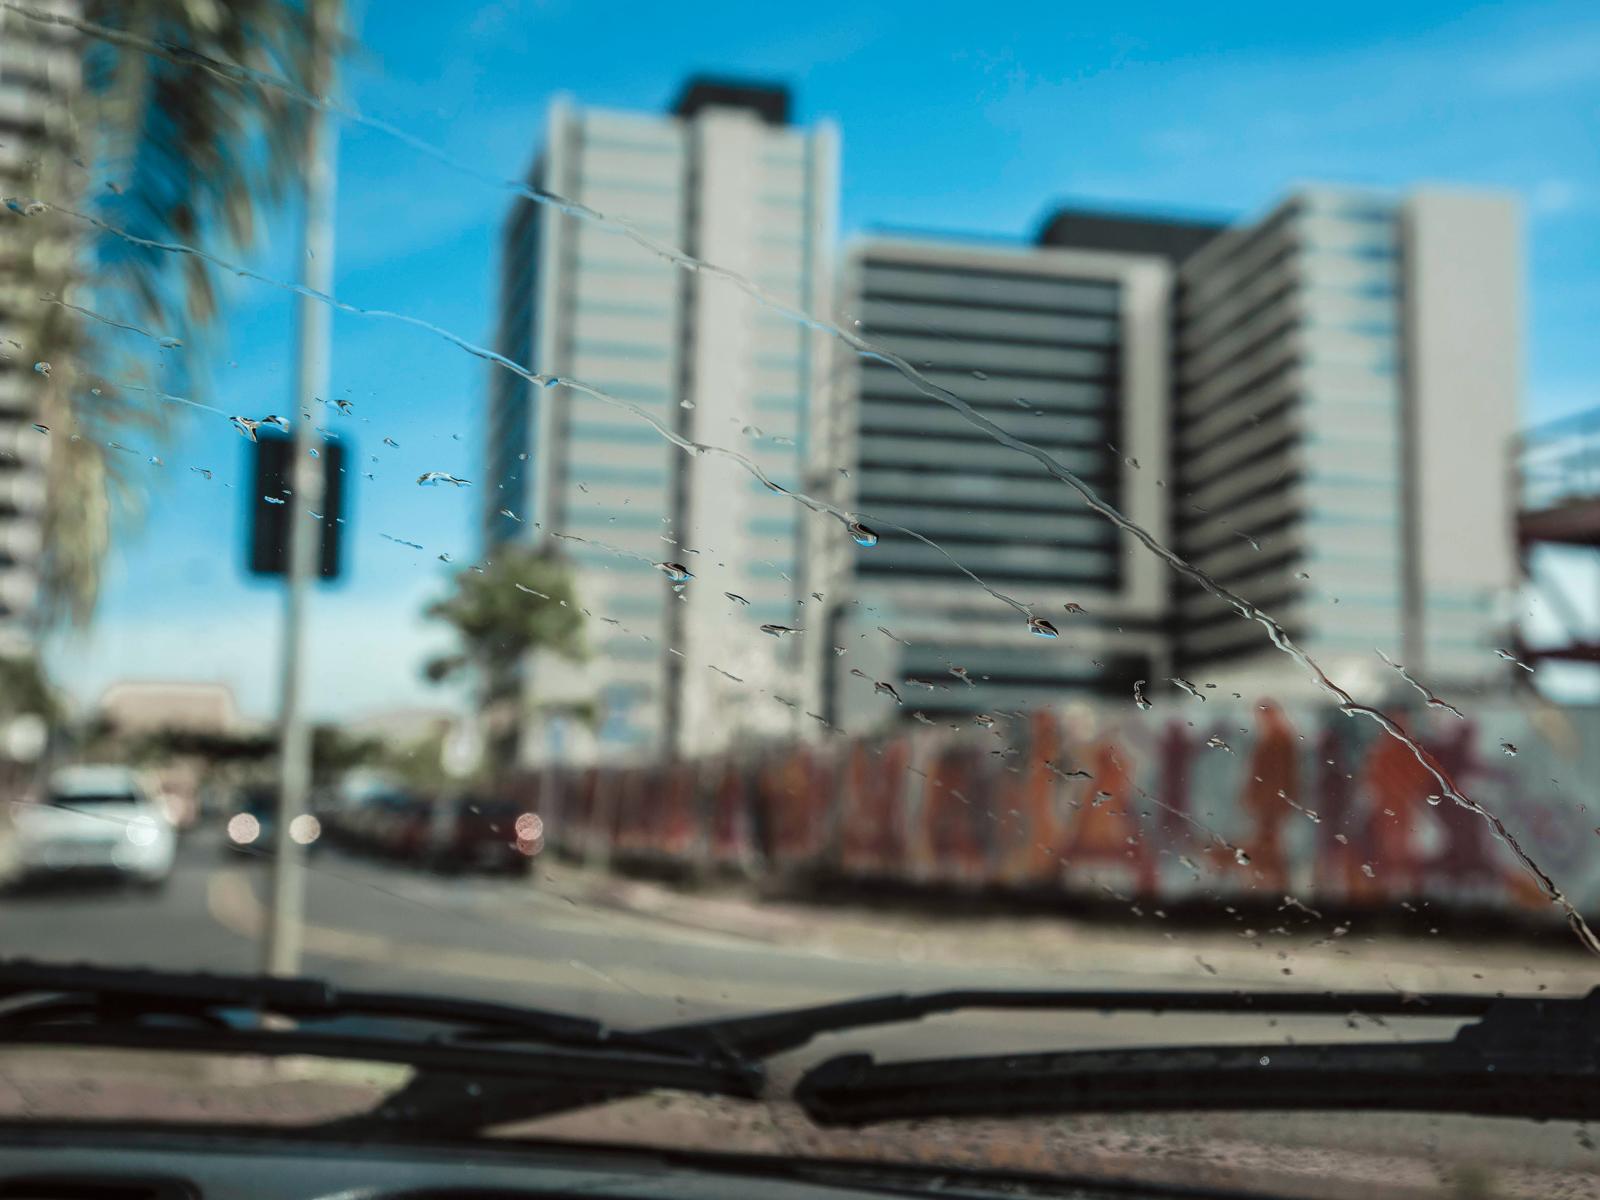 Antes, as palhetas ressecadas deixavam marcas de água no vidro